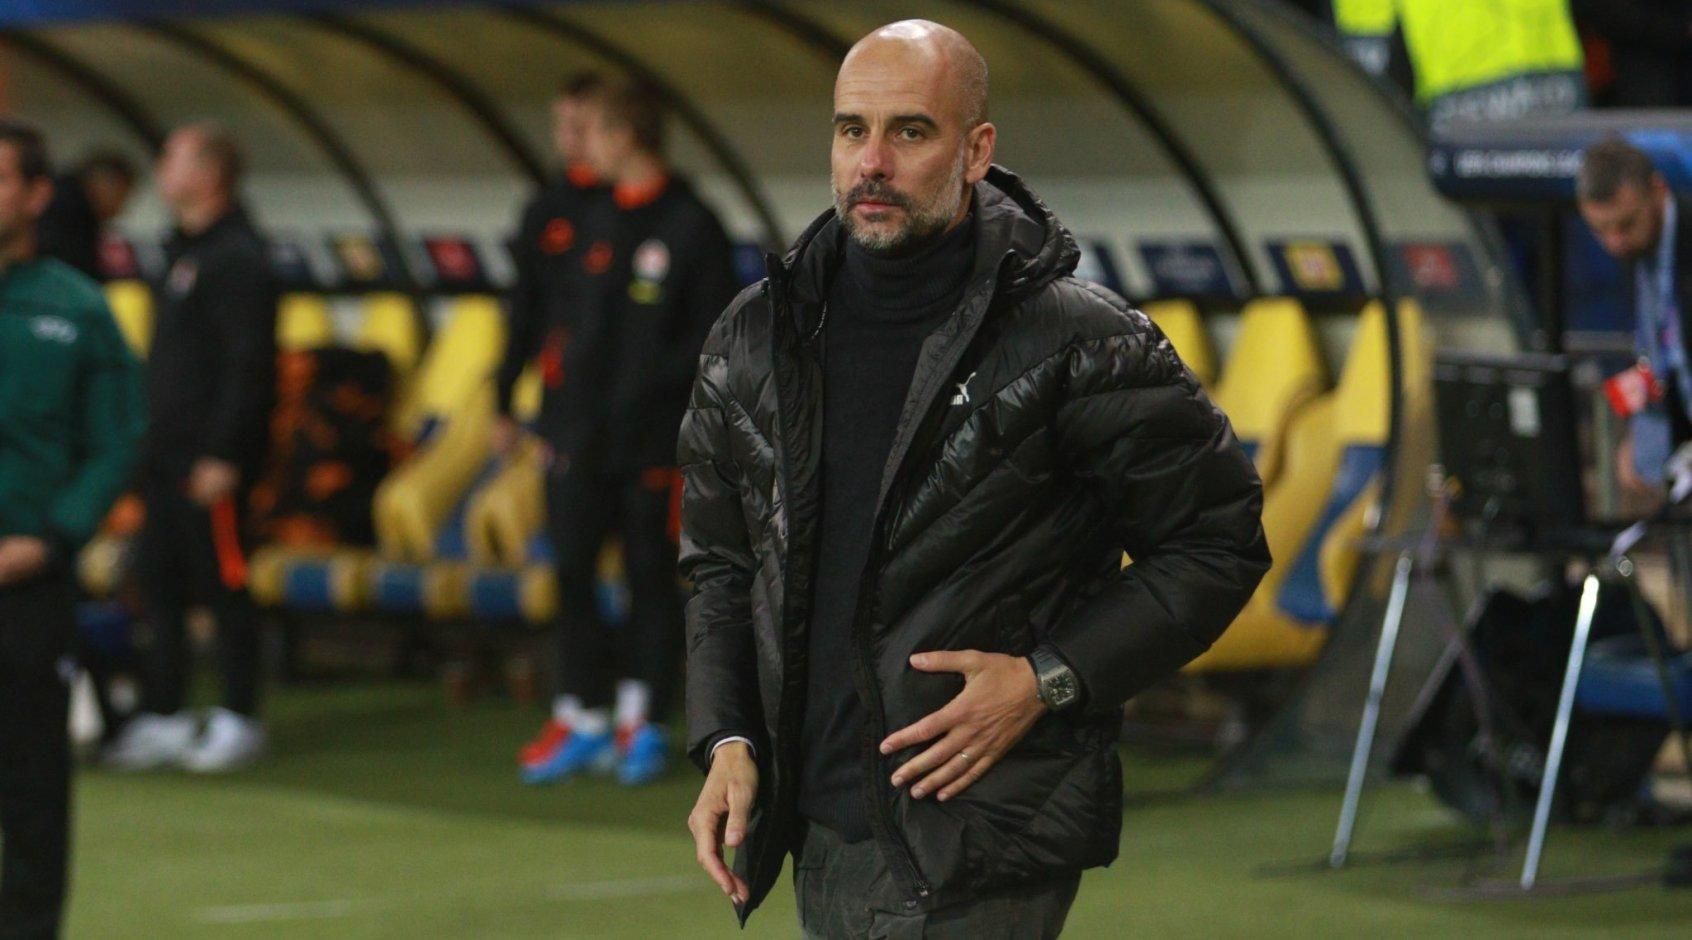 """Хосеп Гвардиола: """"Возможно, нам удастся надавить на """"Ливерпуль"""" посильнее"""""""